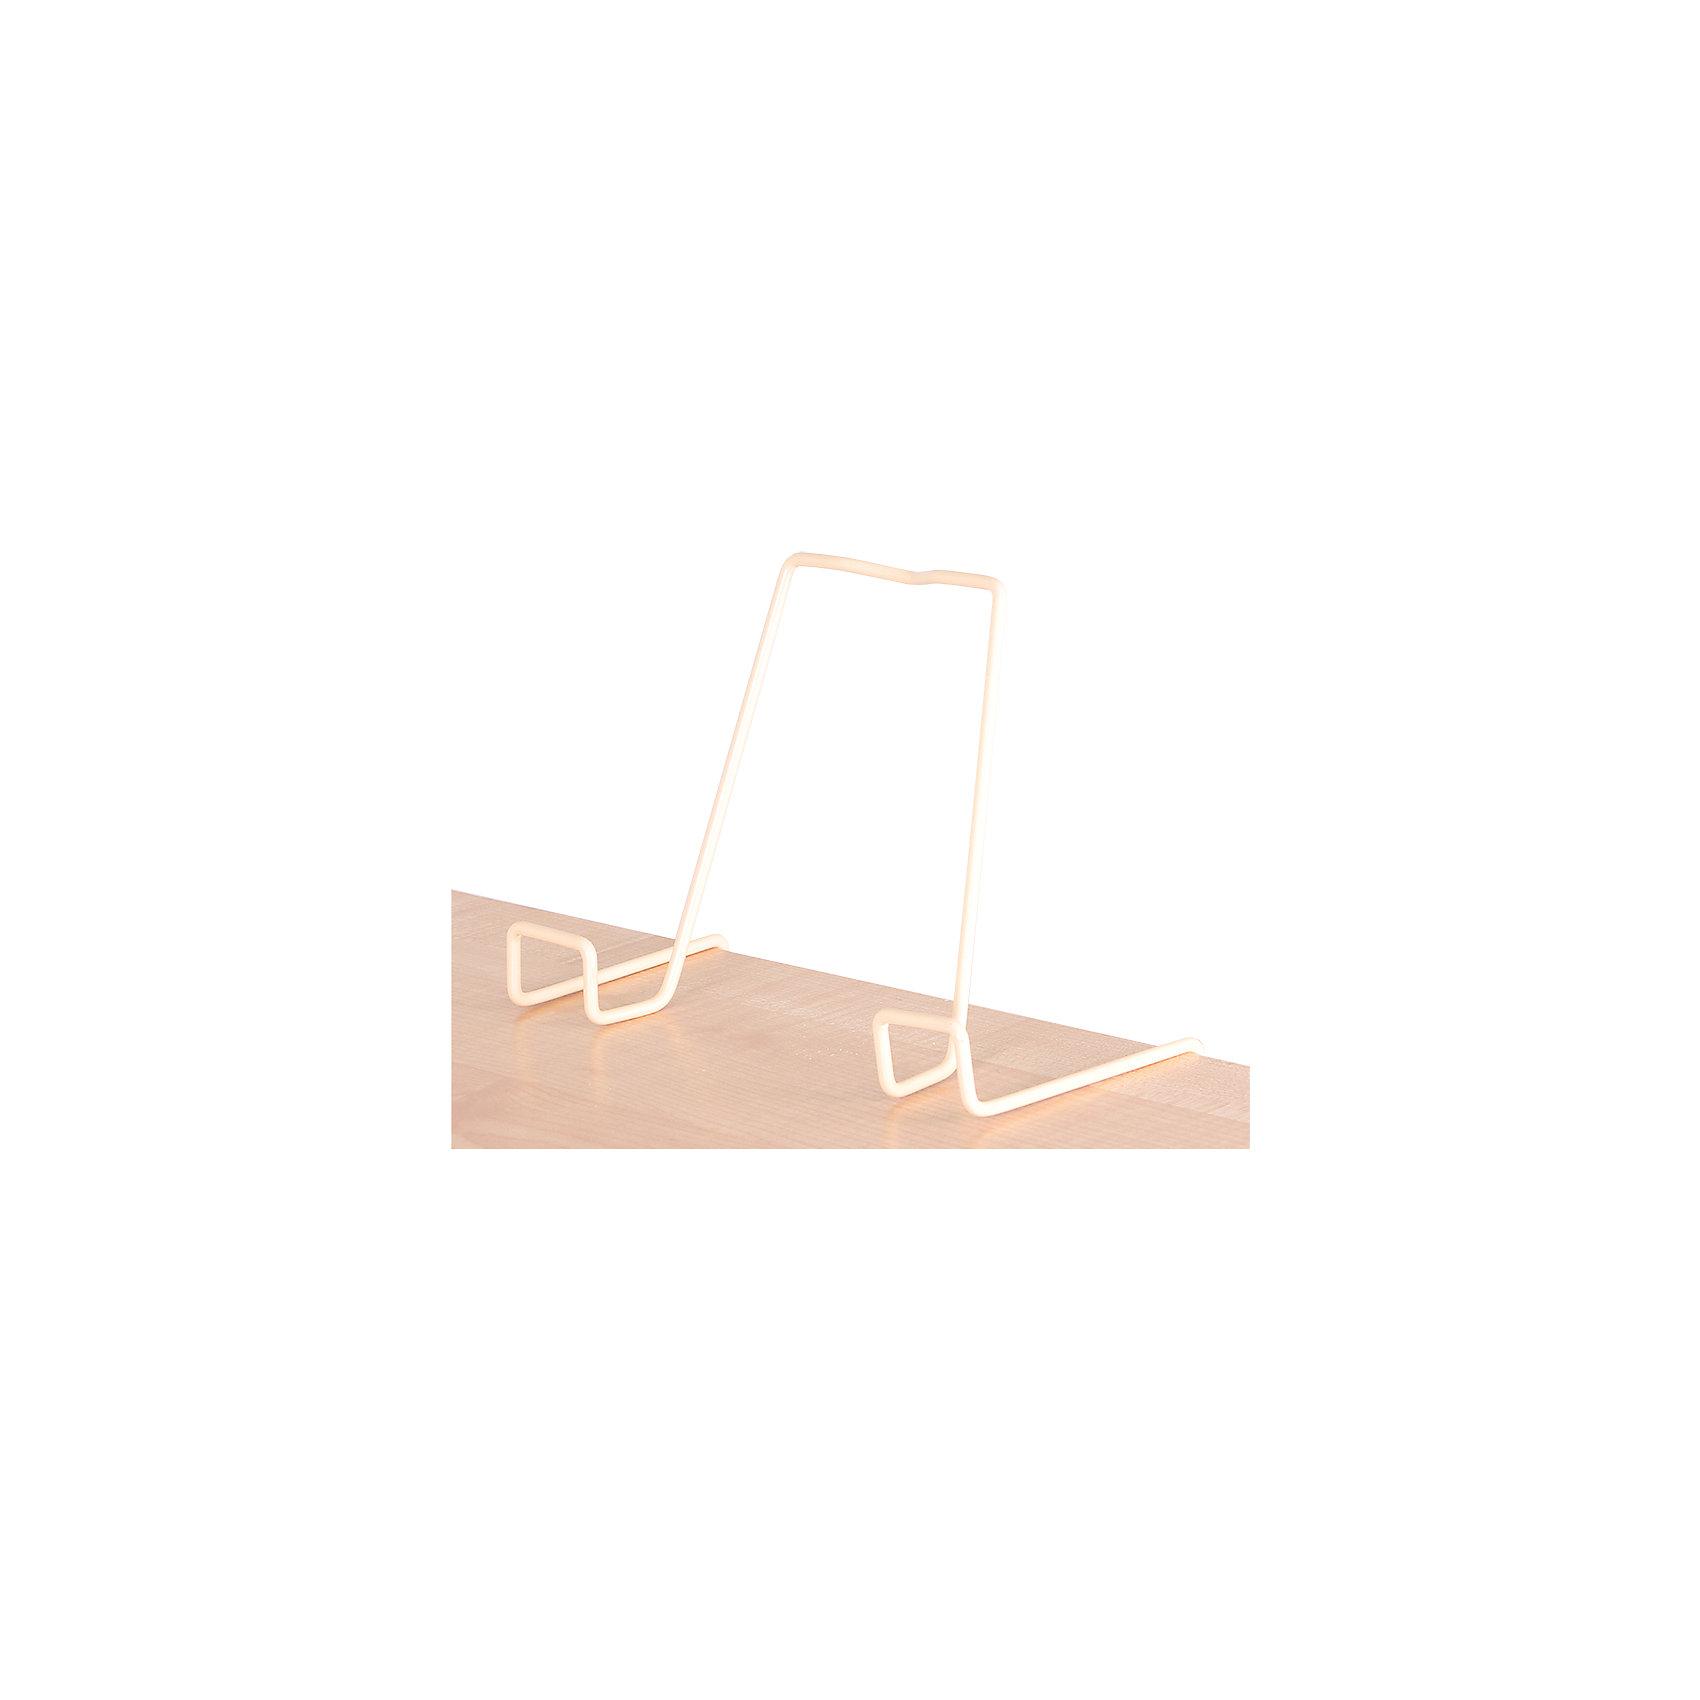 Подставка для книг металлическая ПДК.02, Дэми, бежевыйМебель<br>Подставка для книг металлическая ПДК.02, Дэми, бежевый – необходимая вещь для каждого ребенка.<br>Данная модель представляет собой привычную металлическую подставку, знакомую всем с детства. Однако ее отличие в том, что подставка надежно крепится к столу Дэми. Это позволяет ребенку не волноваться о том, что она может упасть. У подставки удобный угол наклона, но при желании ее можно отрегулировать. <br><br>Дополнительная информация: <br><br>Размер: 330x202x55 мм<br>Вес: 100 гр<br>Материал: металл<br>Цвет: бежевый<br><br>Подставку для книг металлическую ПДК.02, Дэми, бежевую можно купить в нашем интернет магазине.<br><br>Ширина мм: 500<br>Глубина мм: 390<br>Высота мм: 30<br>Вес г: 100<br>Возраст от месяцев: 48<br>Возраст до месяцев: 1188<br>Пол: Унисекс<br>Возраст: Детский<br>SKU: 4919238